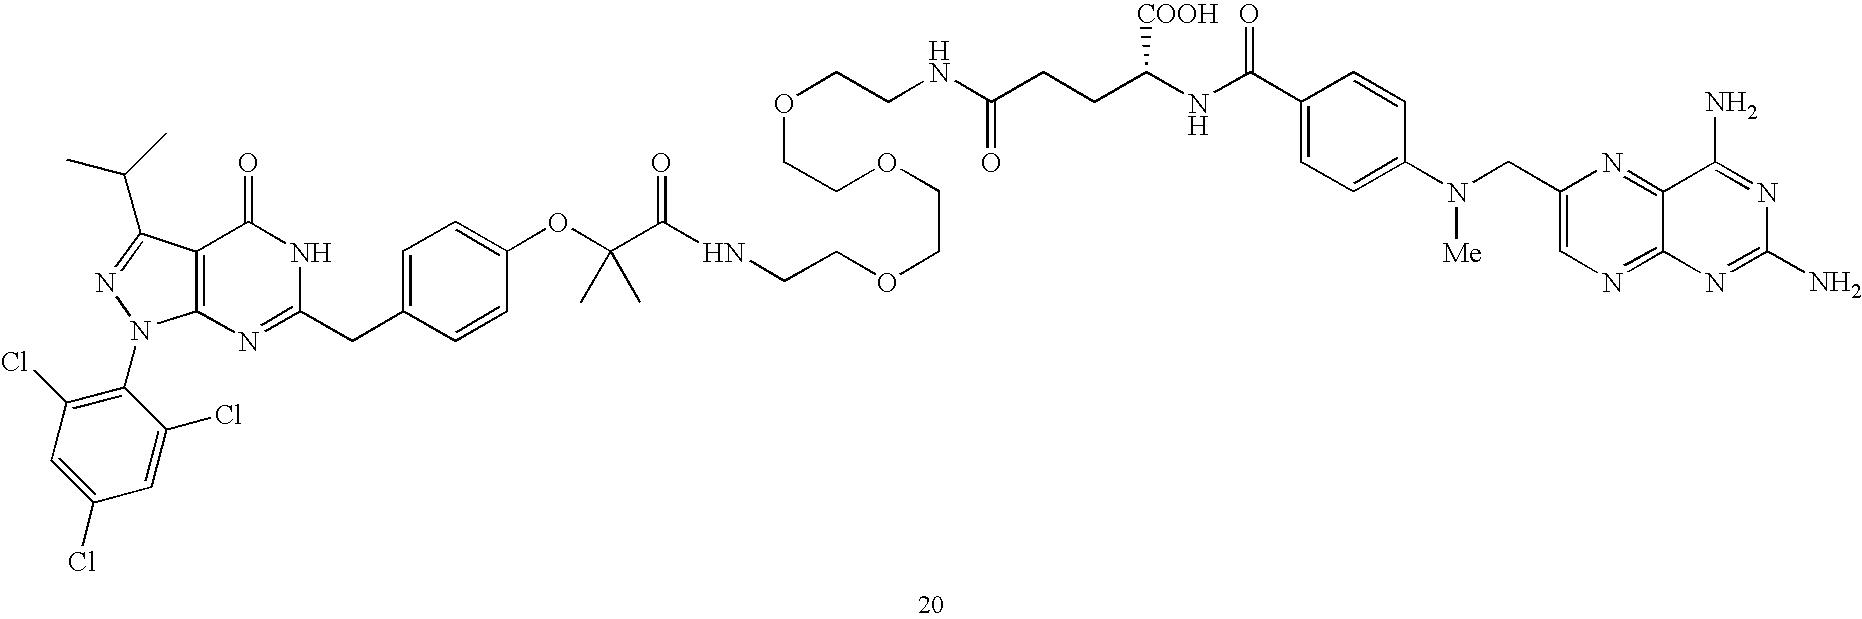 Figure US07605175-20091020-C00069